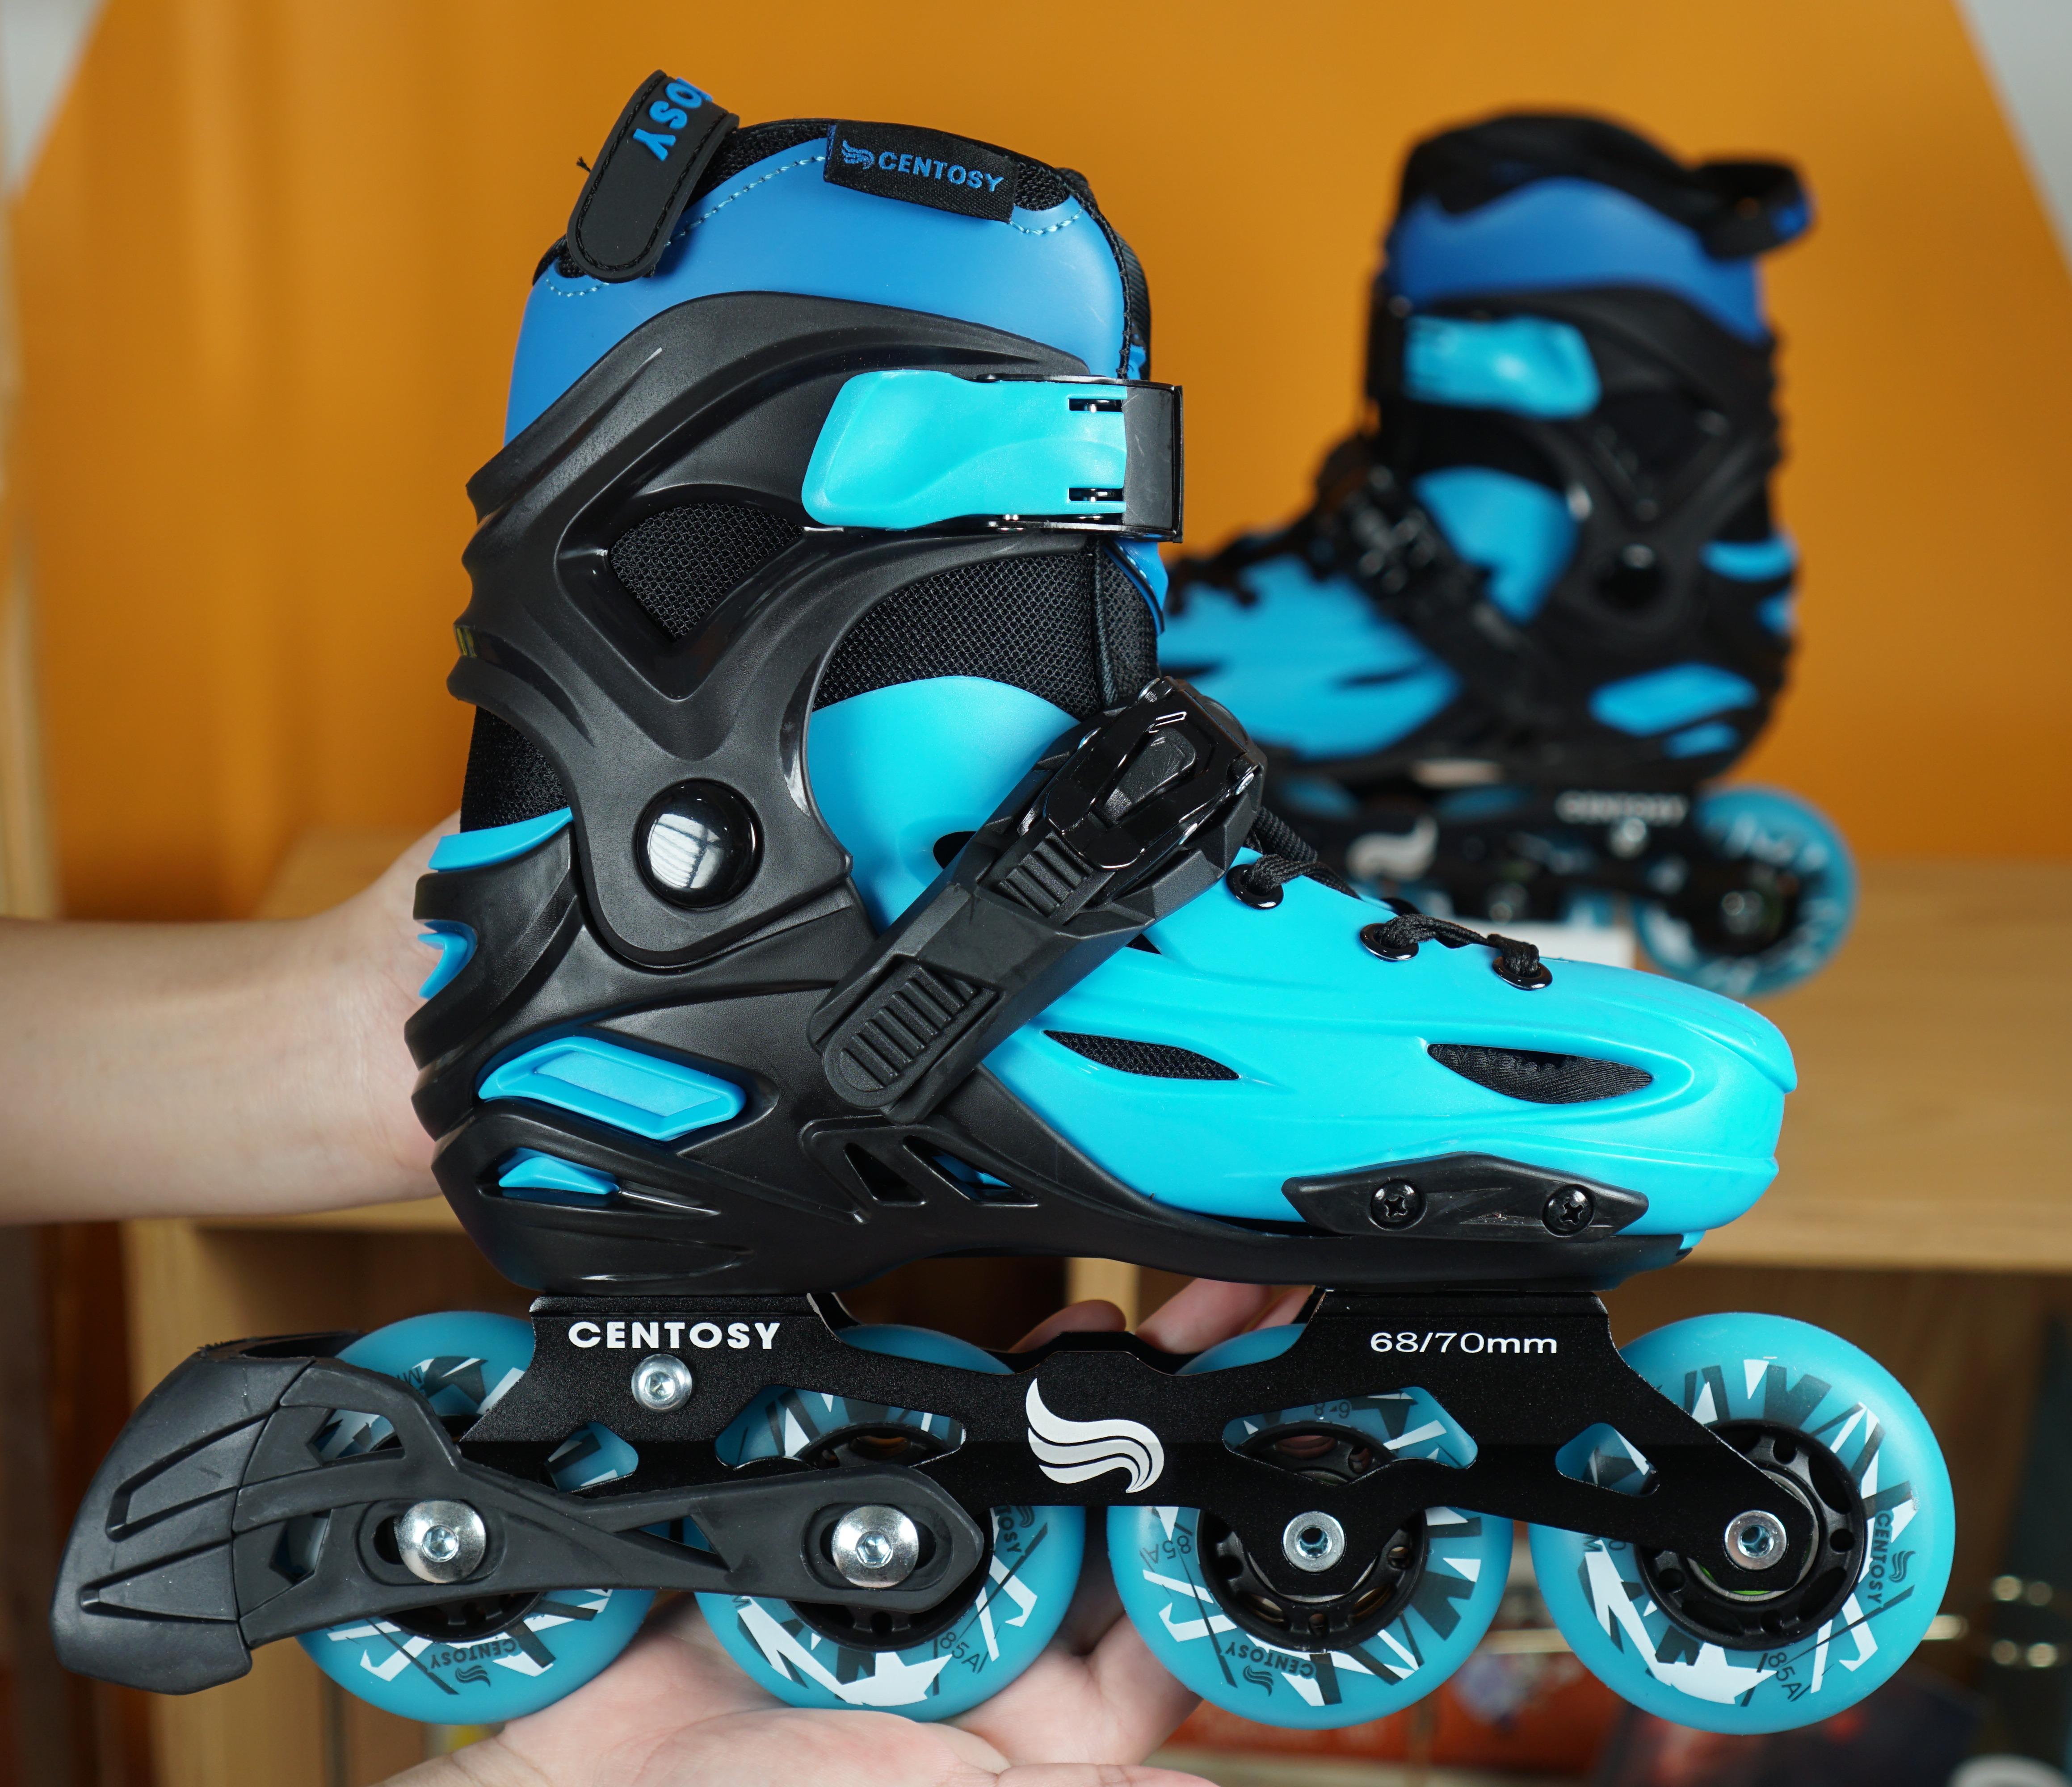 Giá Quá Tốt Để Có Giày Patin Centosy Kid Pro 2 ( Tặng Túi đựng Giày + Khóa Học Miễn Phí 5 Buổi + Bảo Hiểm Chân Tay + Mũ Bảo Hiểm Xịn )